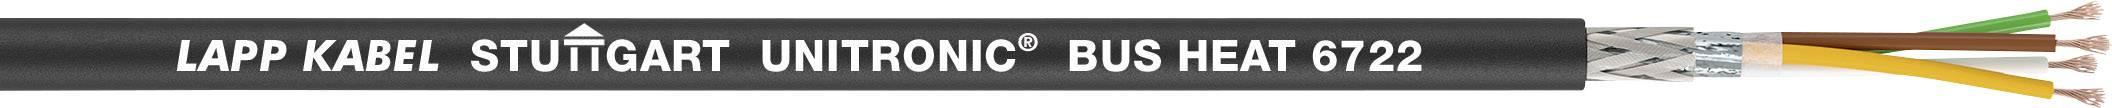 Sběrnicový kabel LAPP UNITRONIC® BUS HEAT 6722 2170386/500, vnější Ø 7.54 mm, černá, 500 m